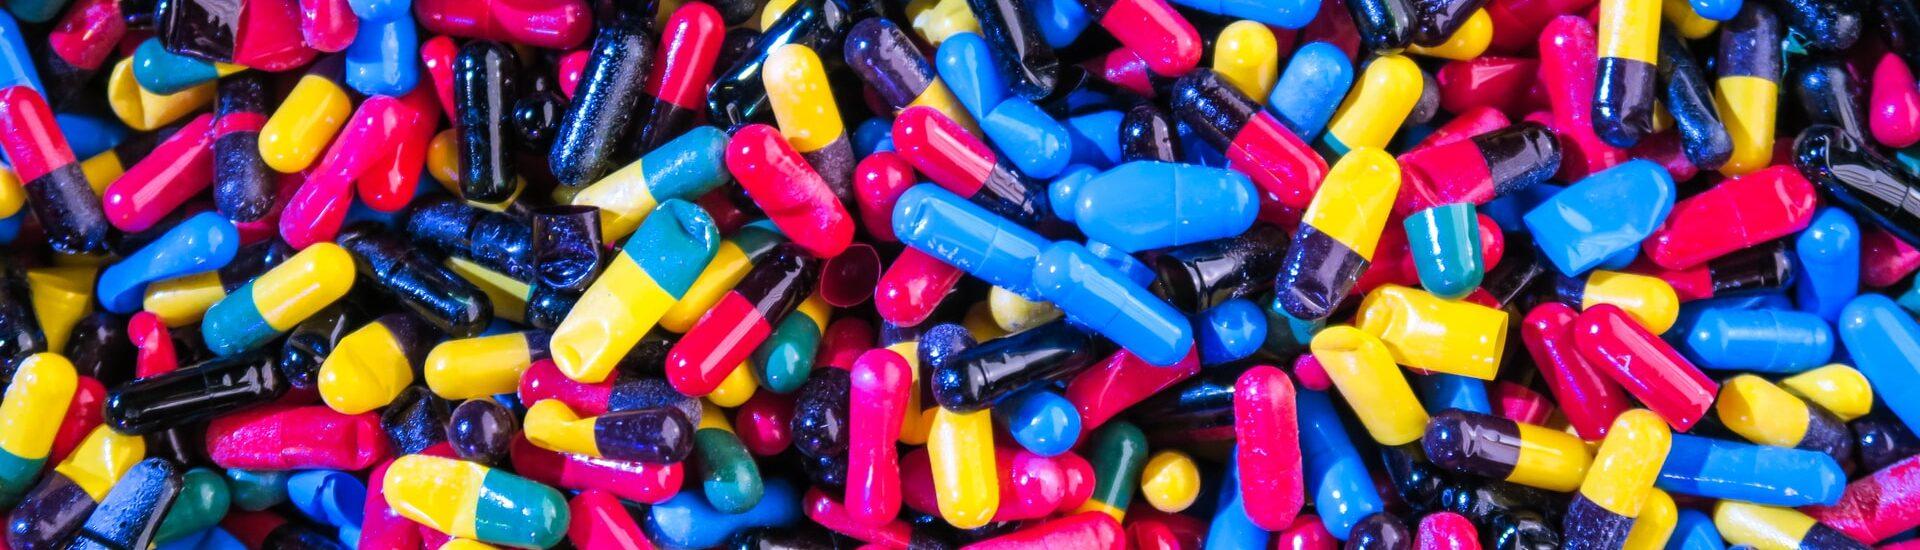 26 Ιούνη: Παγκόσμια ημέρα κατά των ναρκωτικών